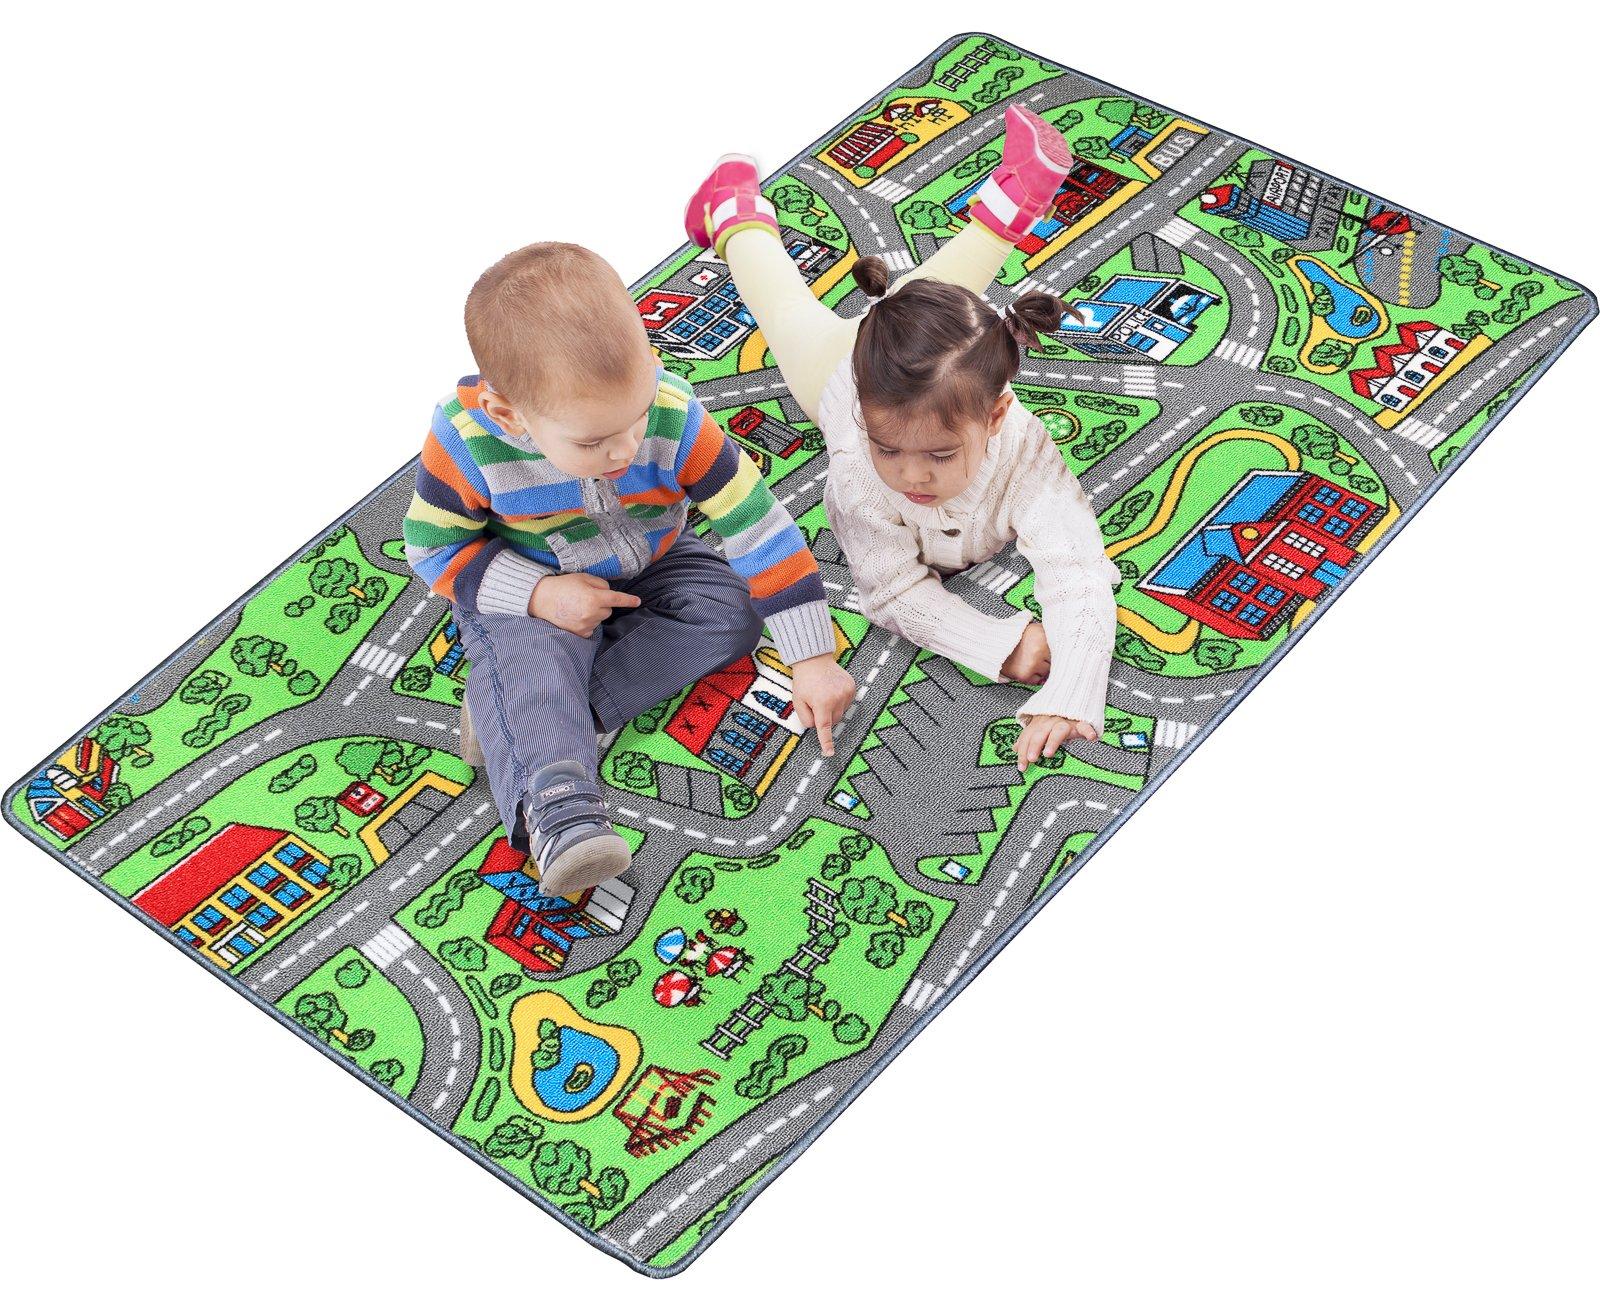 Click N' Play CNP30145 Playmat Rug,